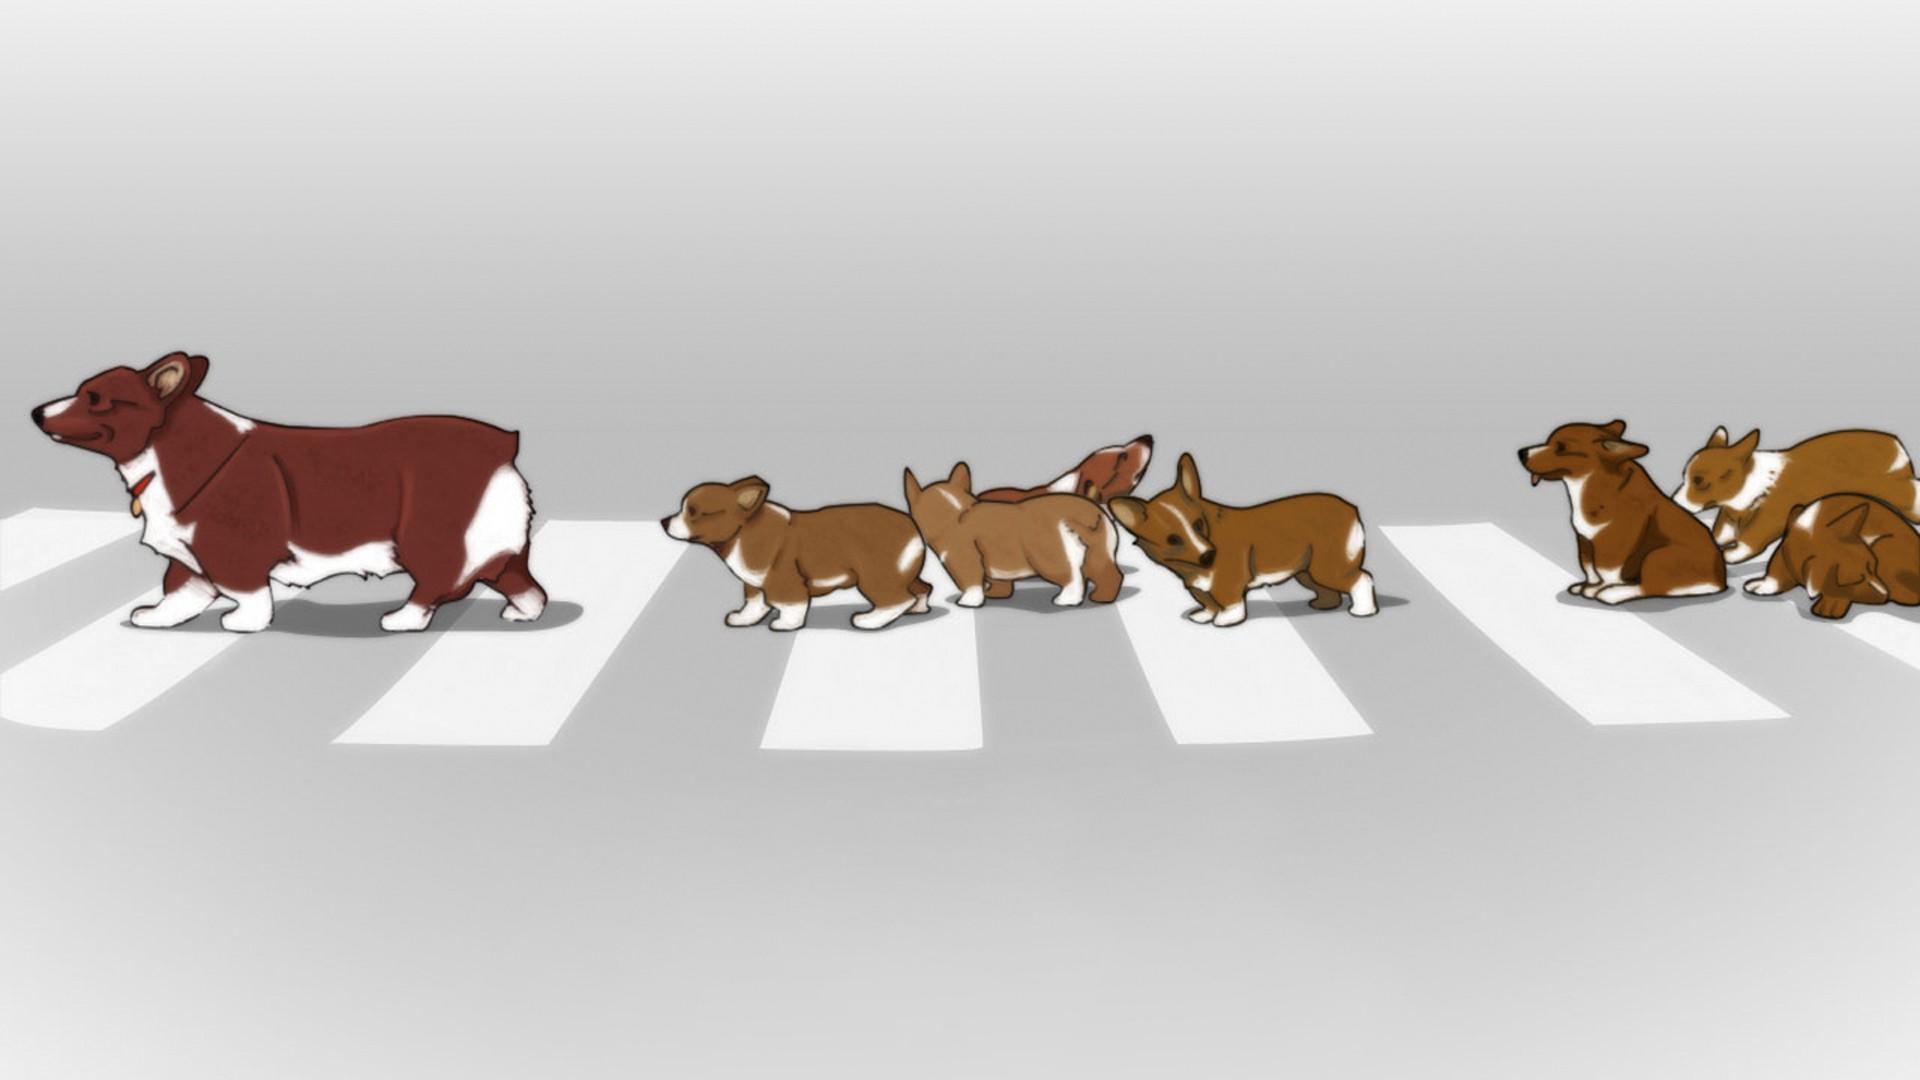 Wallpaper 1920x1080 Px Animals Cowboy Bebop Dog Ein 1920x1080